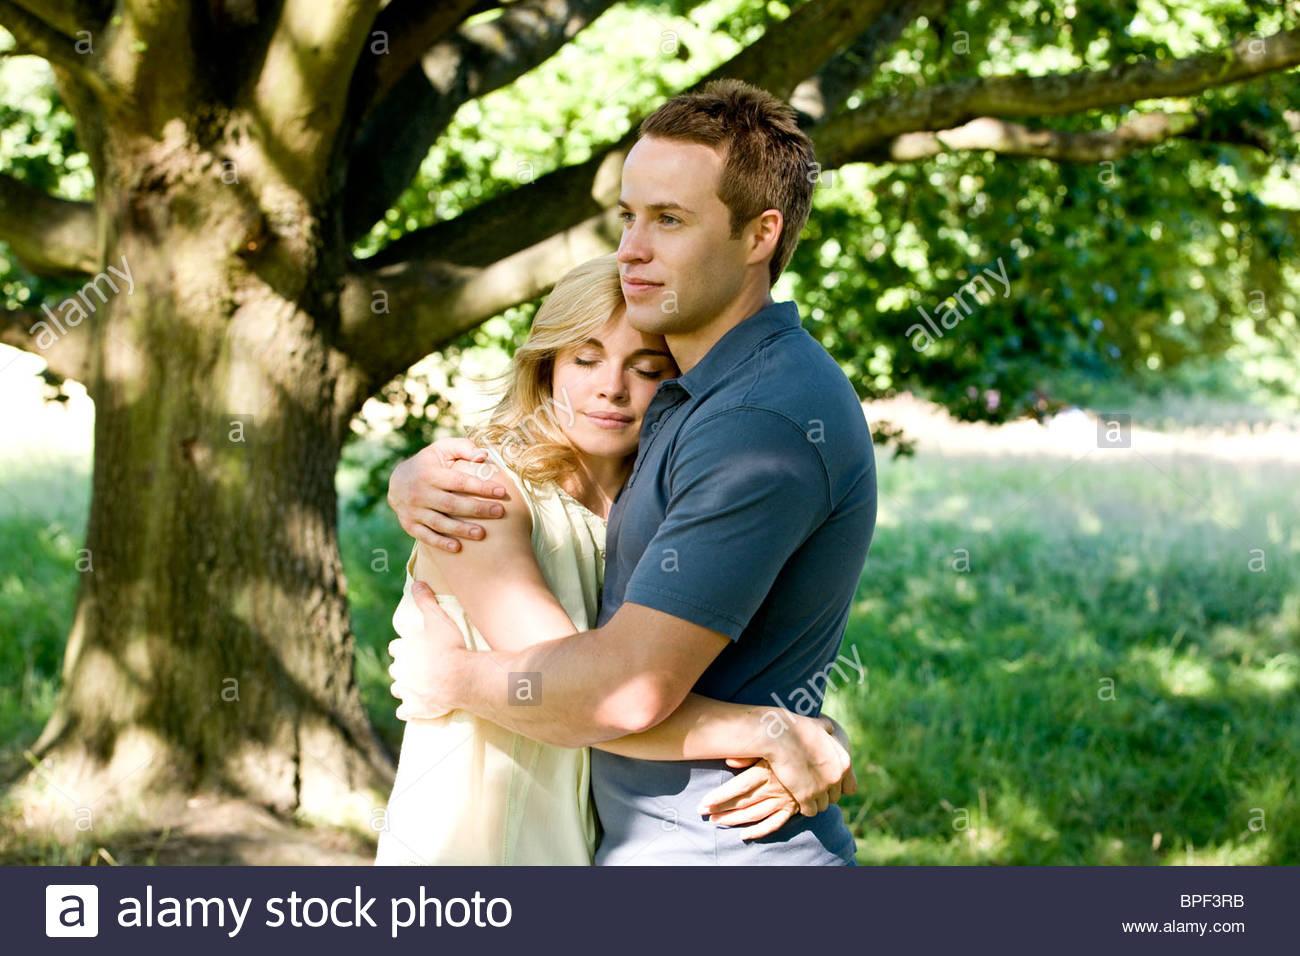 Una joven pareja de pie debajo de un árbol, abrazando Imagen De Stock